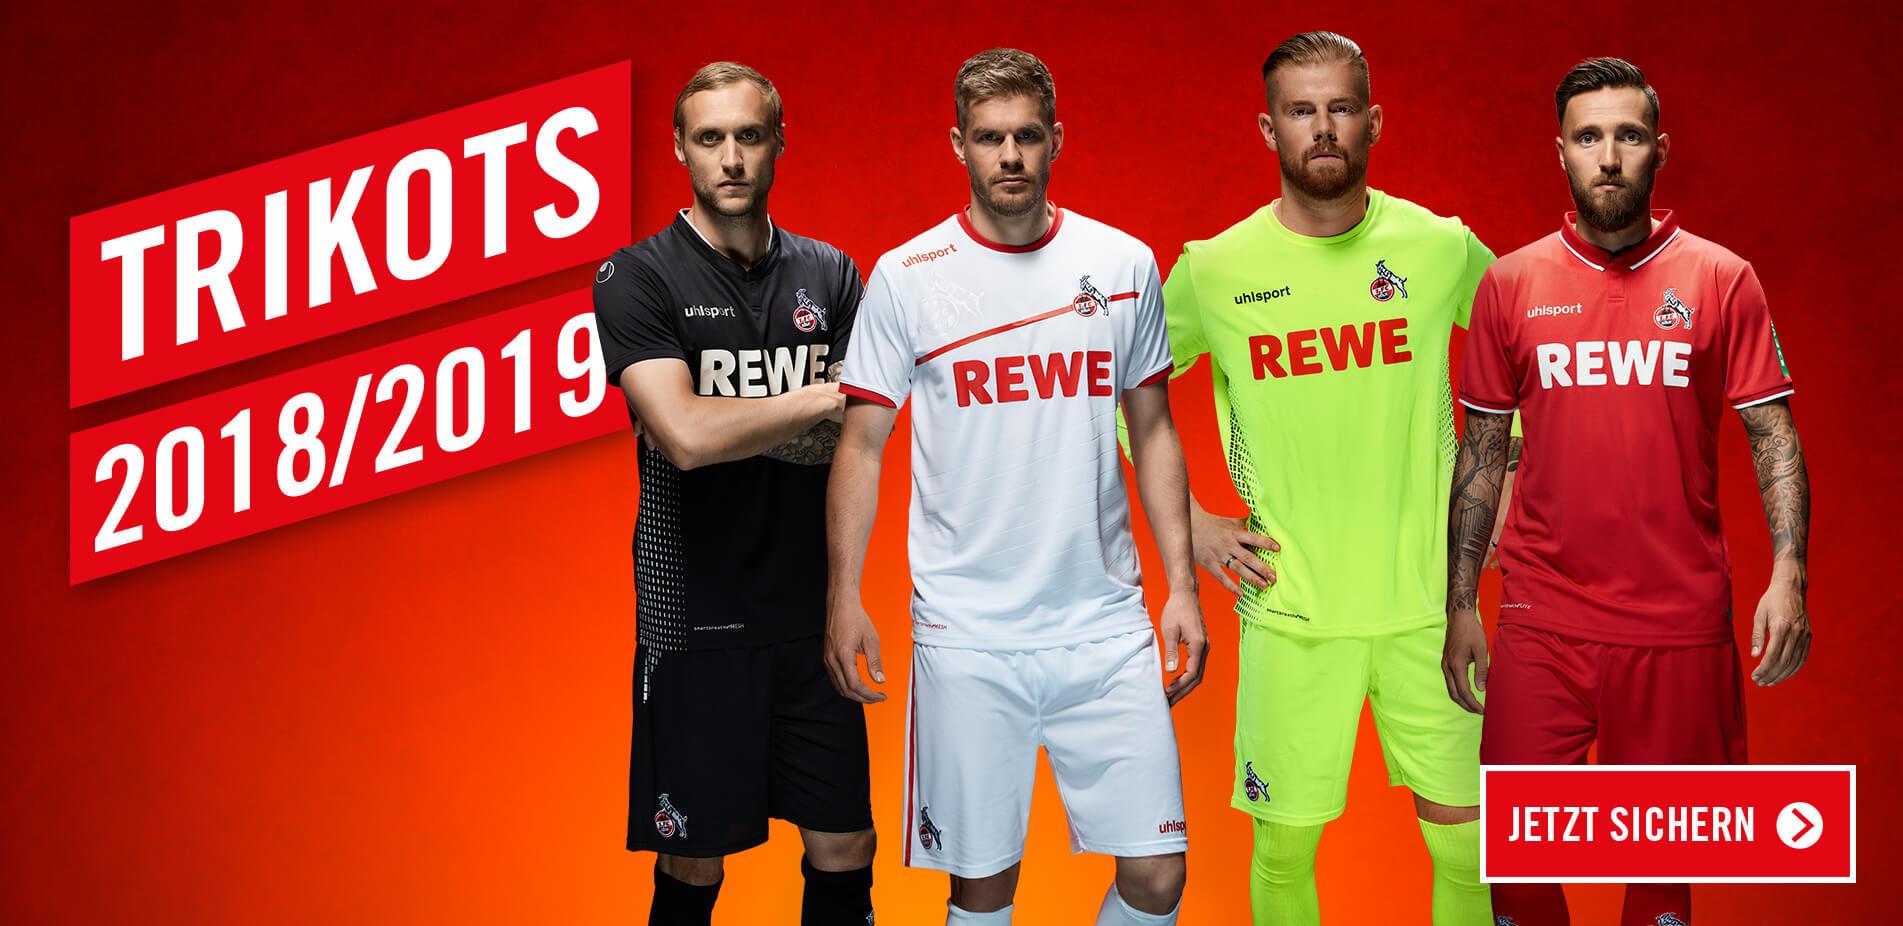 Offizieller 1 Fc Köln Fanshop Trikots Fanartikel Und Geschenke